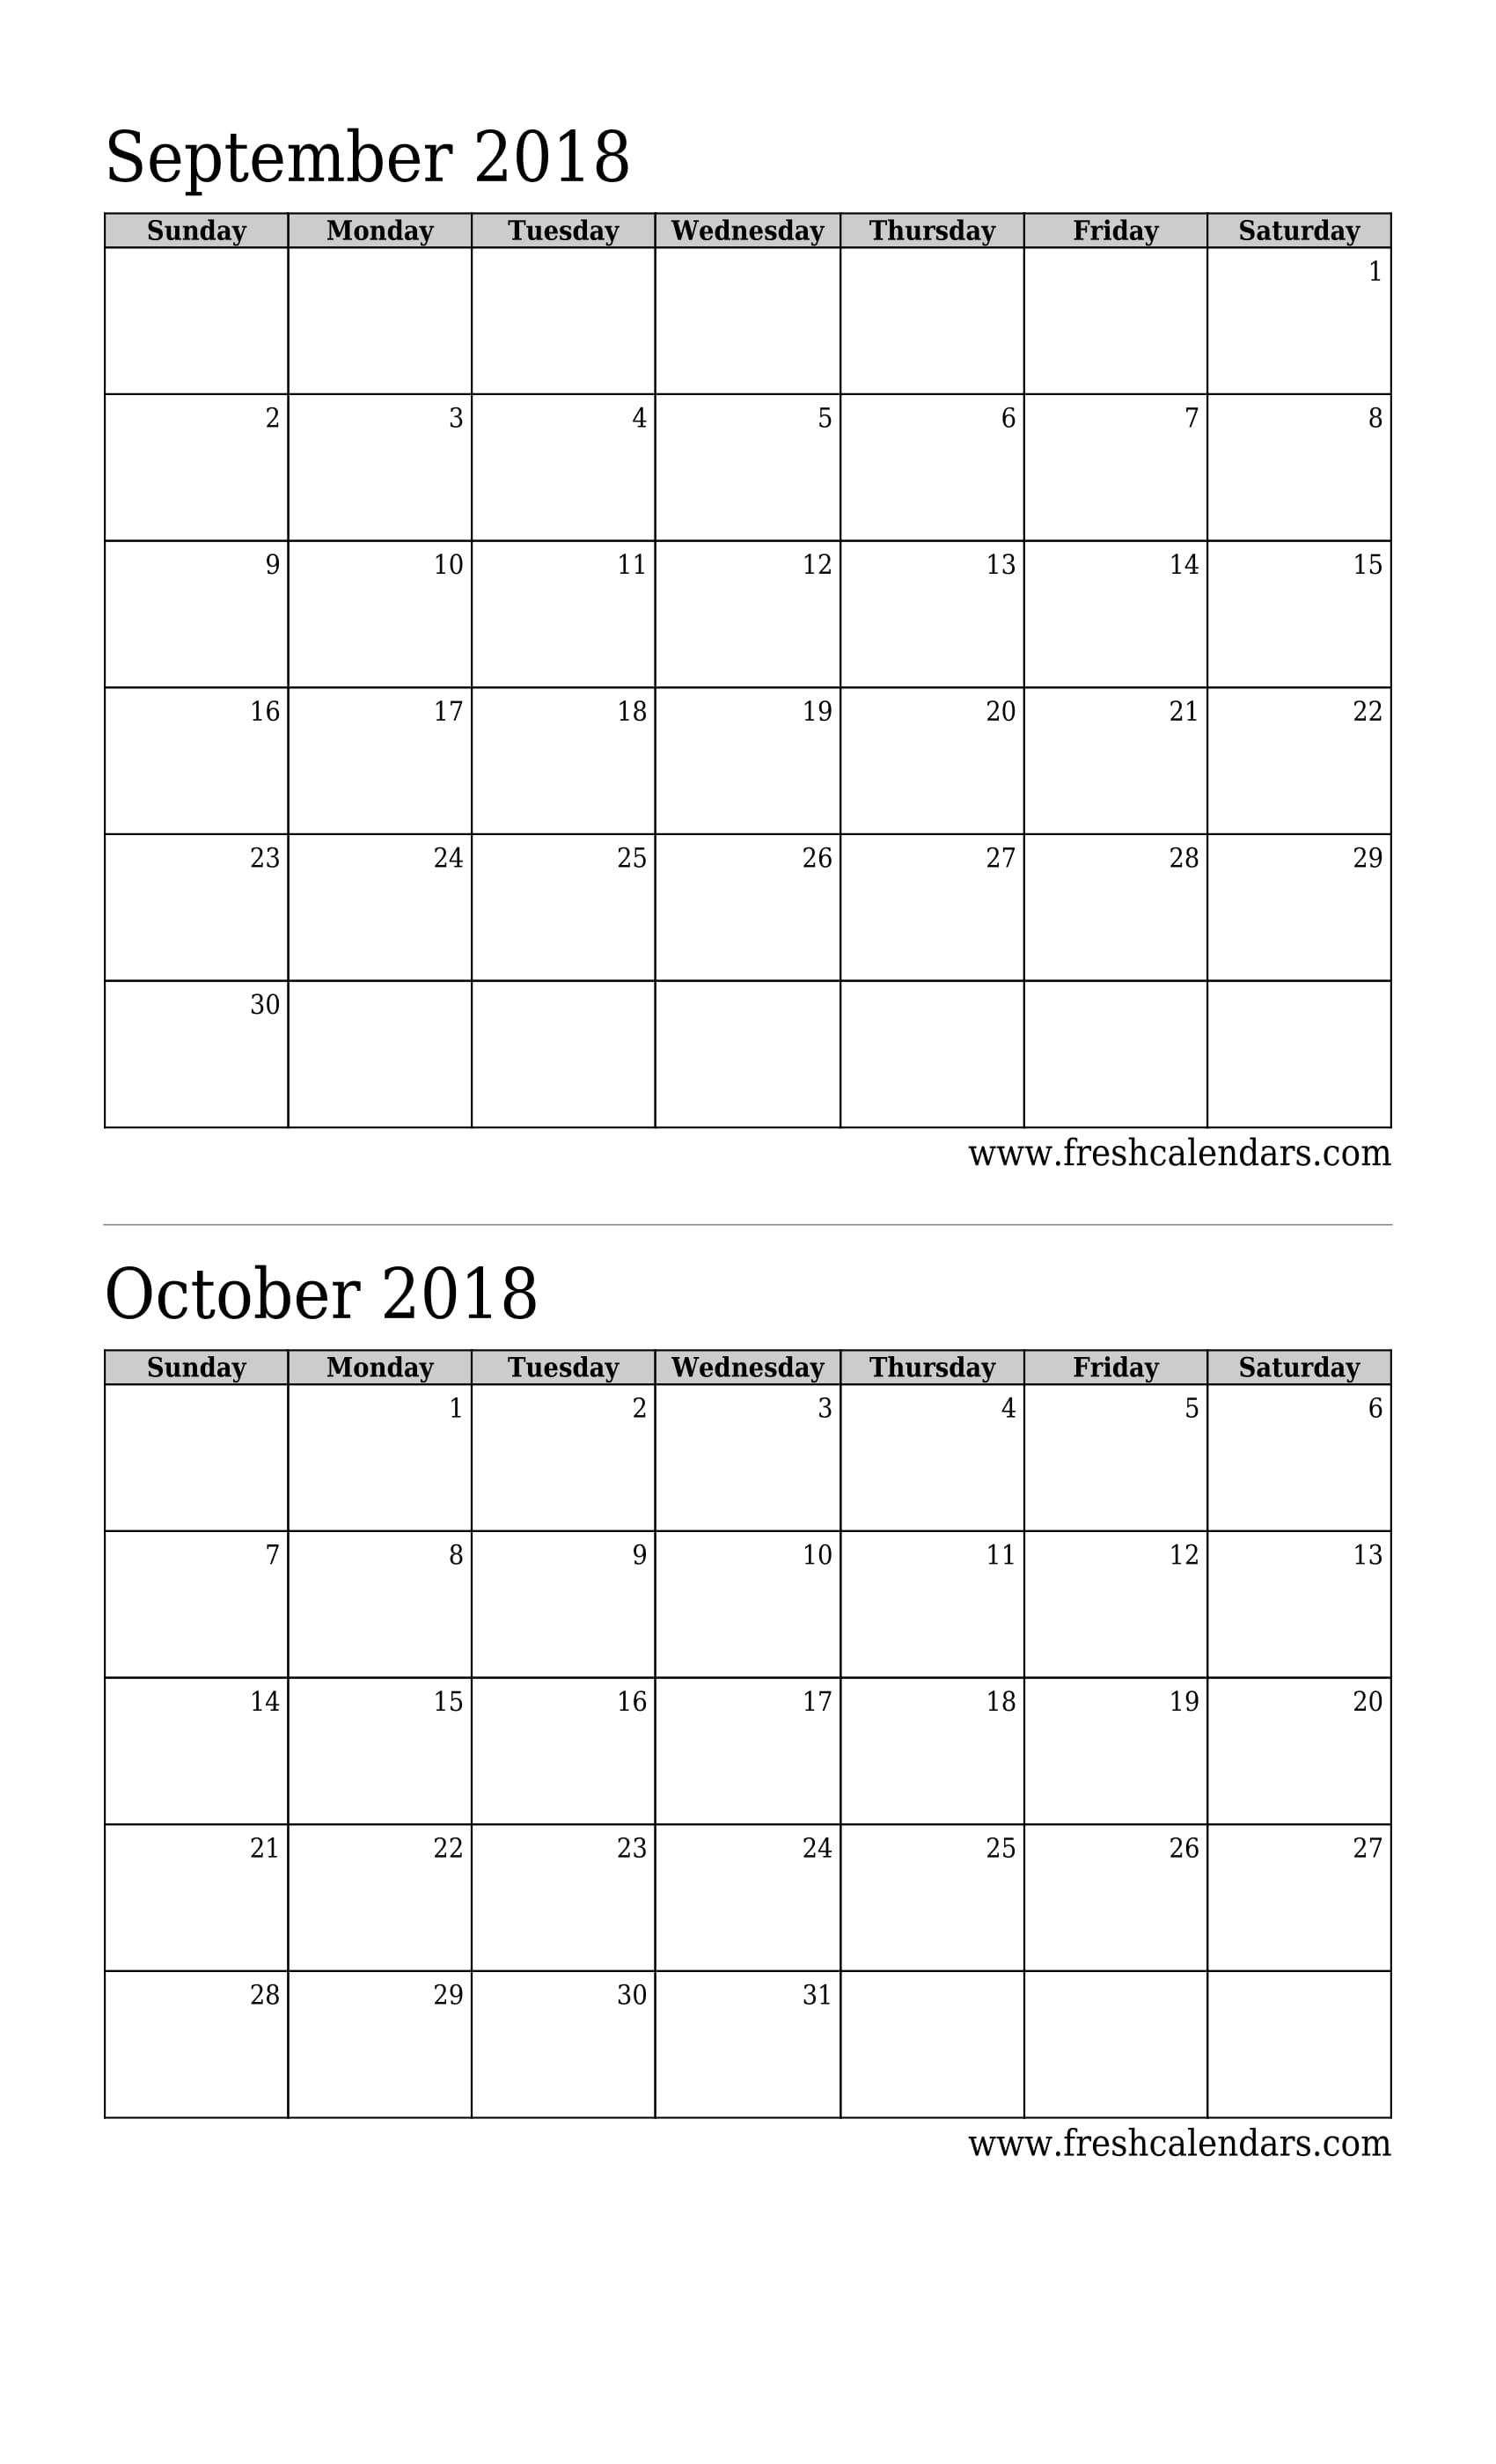 September 2018 Calendar Printable - Fresh Calendars inside Calendar For The Month Of September